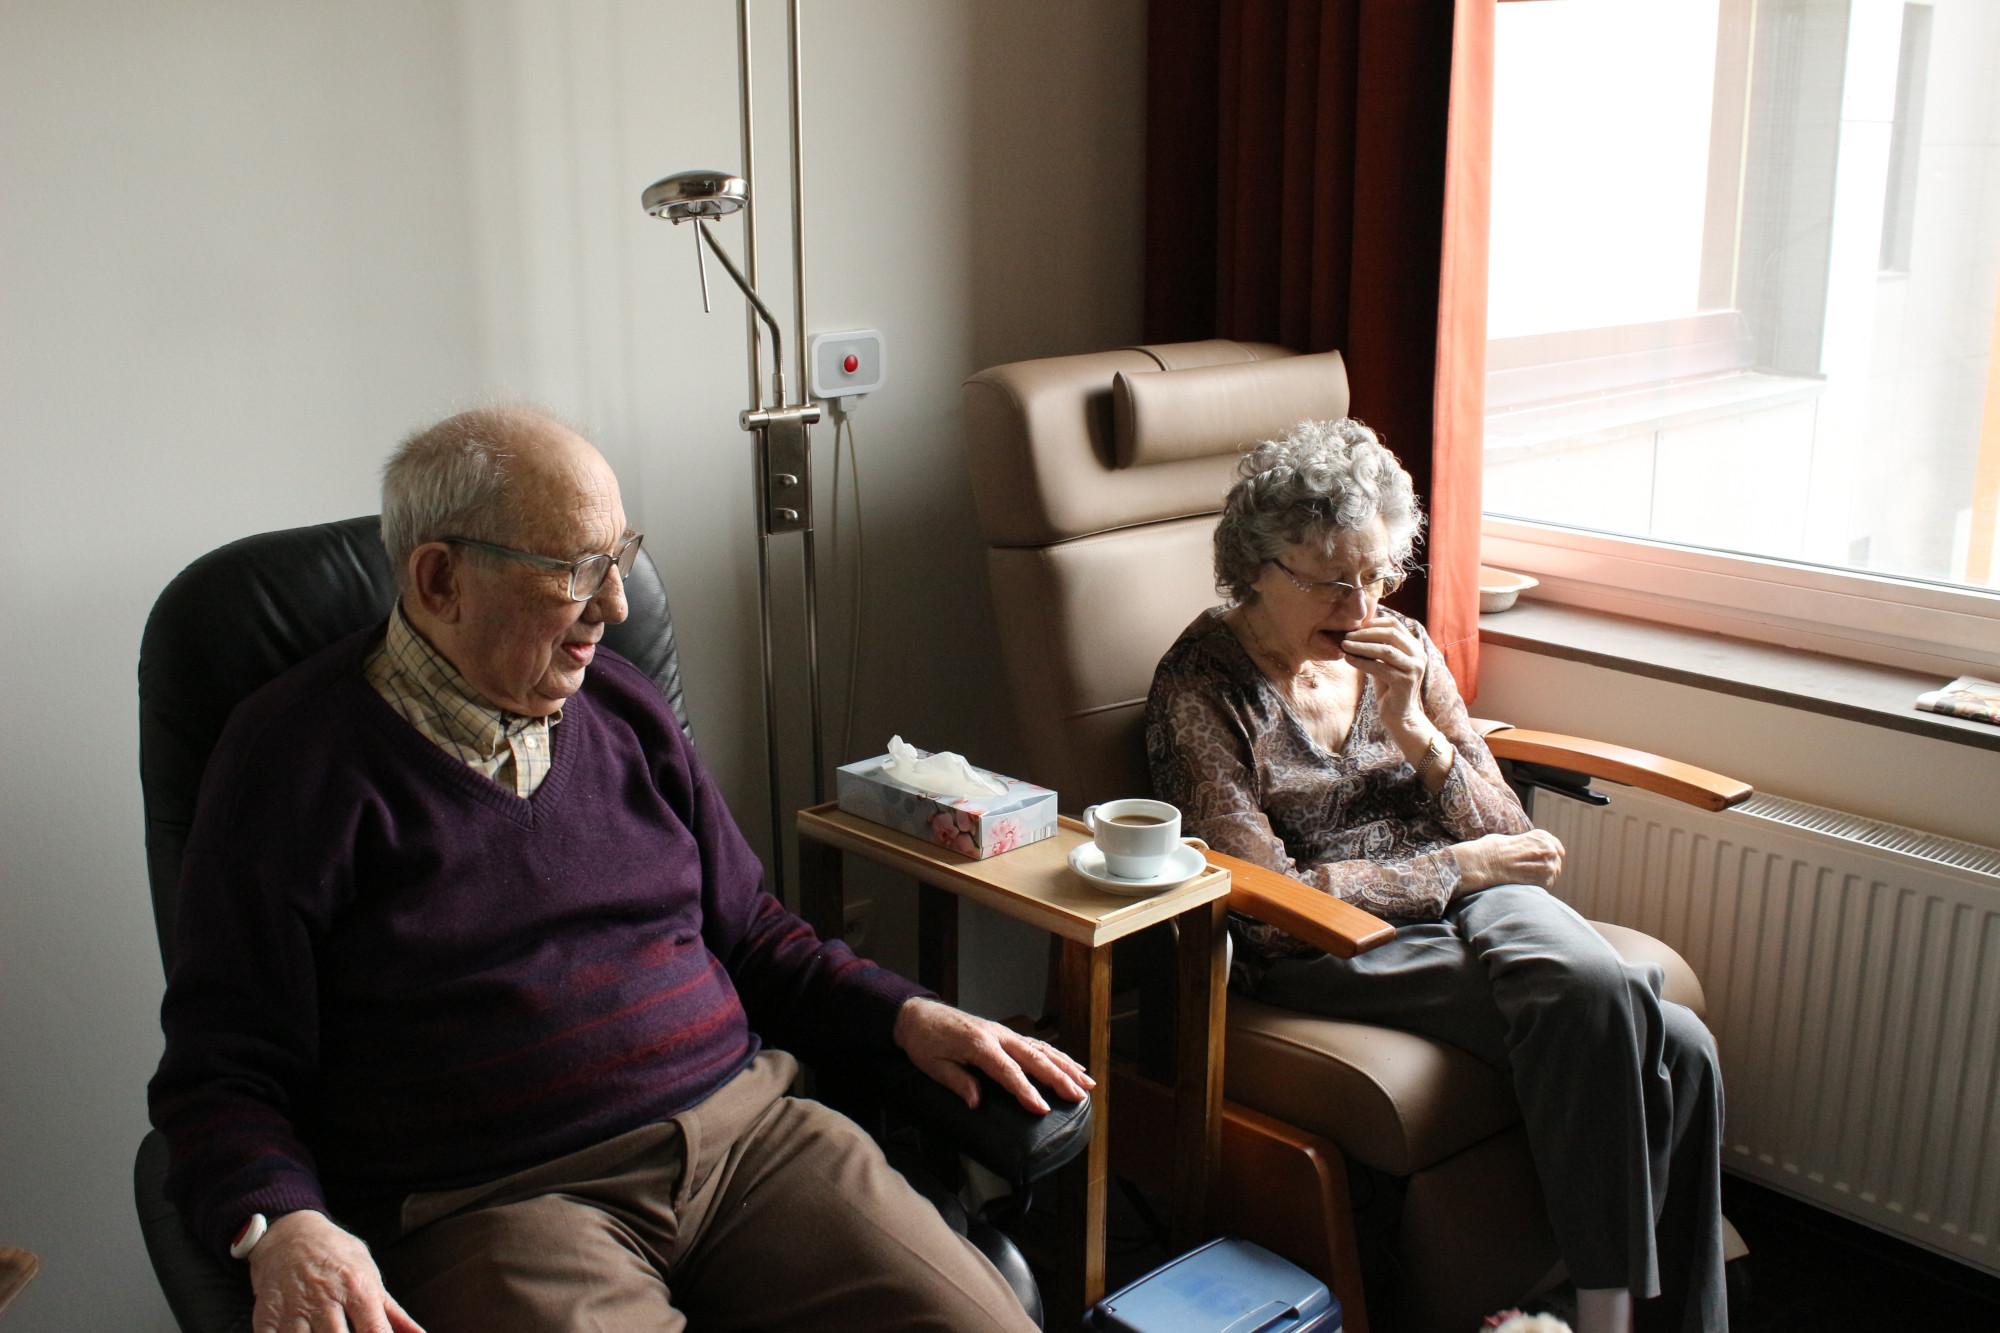 Two elders sitting side by side